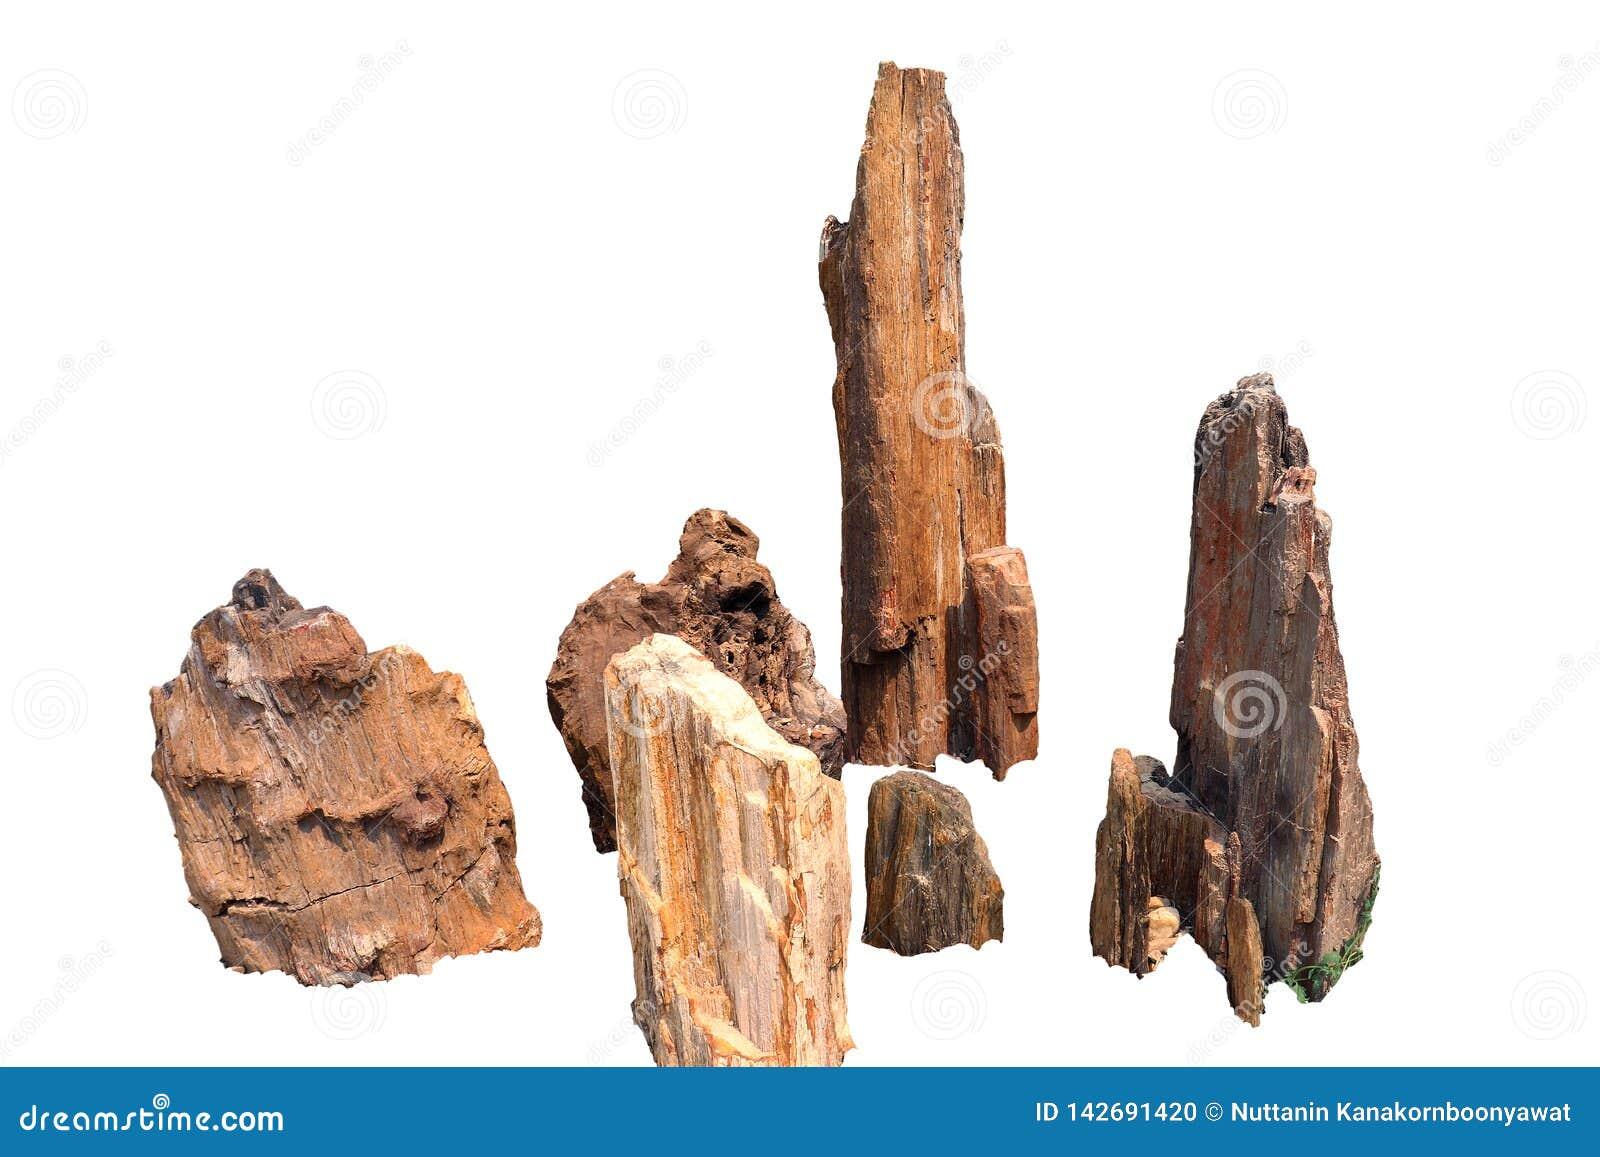 Τα πέτρινα δέντρα, πετρώνω δάσος, πέτρωσαν το ξύλο, που απομονώθηκε στο